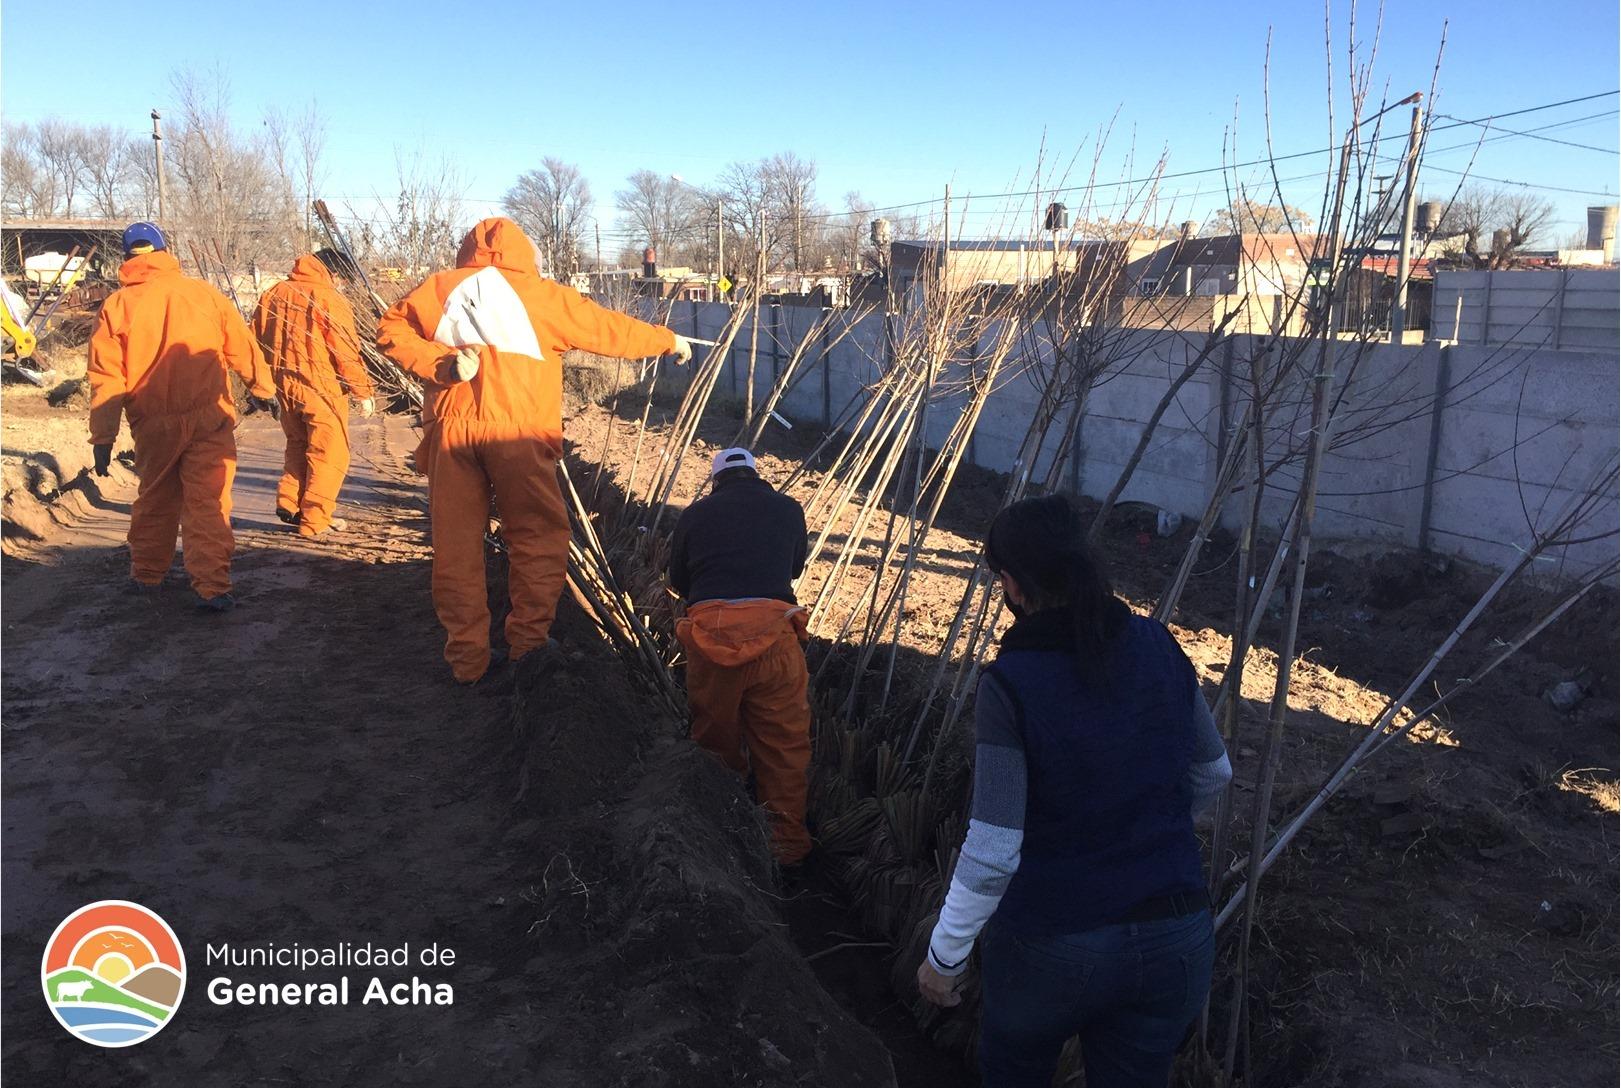 Empiezan a llegar los árboles para el Plan de Forestación en General Acha